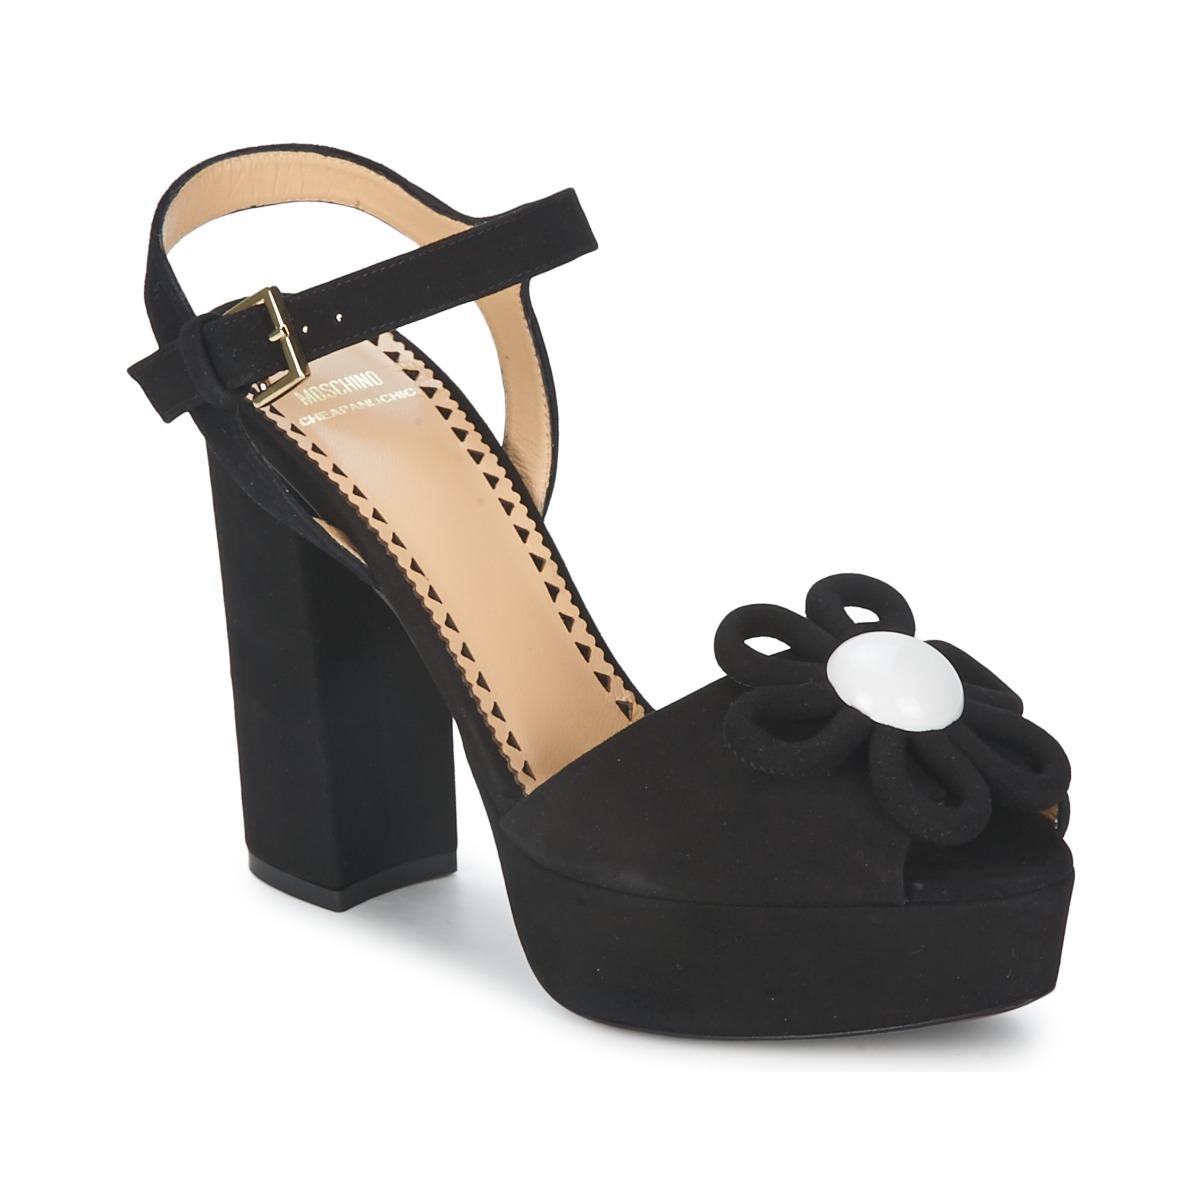 Moschino Cheap & CHIC CA1617 Schwarz - Kostenloser Versand bei Spartoode ! - Schuhe Sandalen / Sandaletten Damen 233,50 €